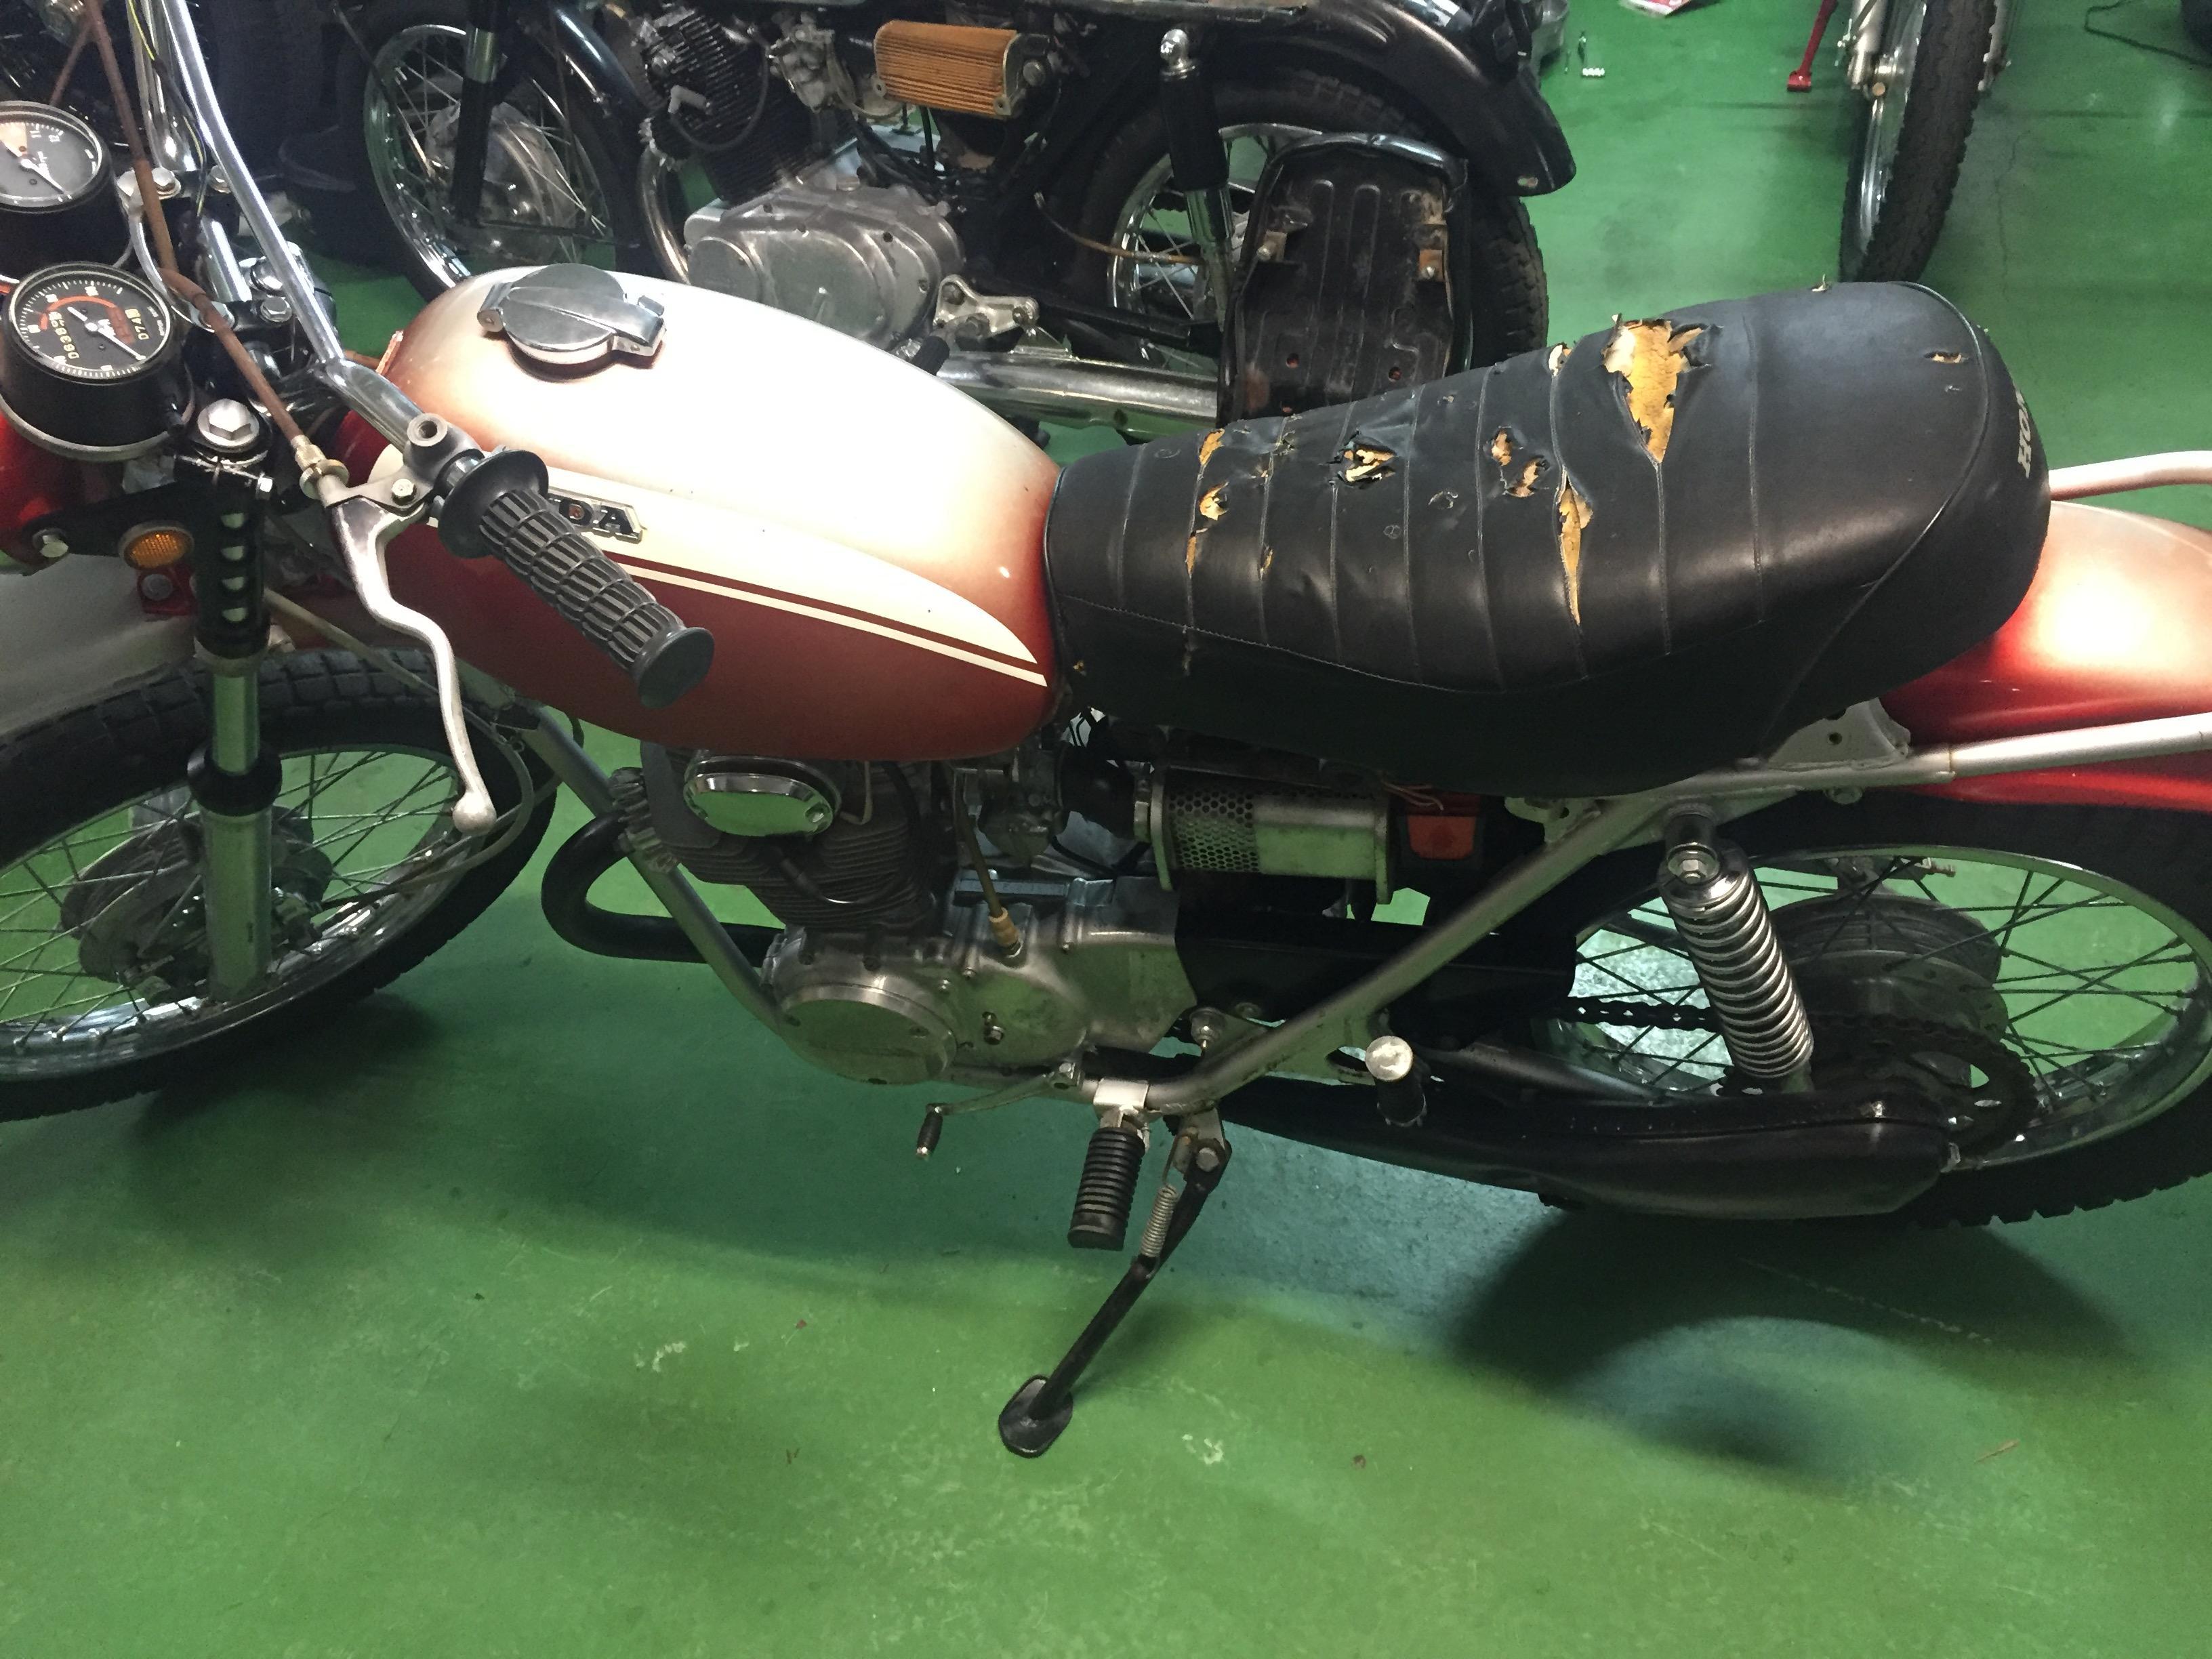 Honda SL350 K1 restoration